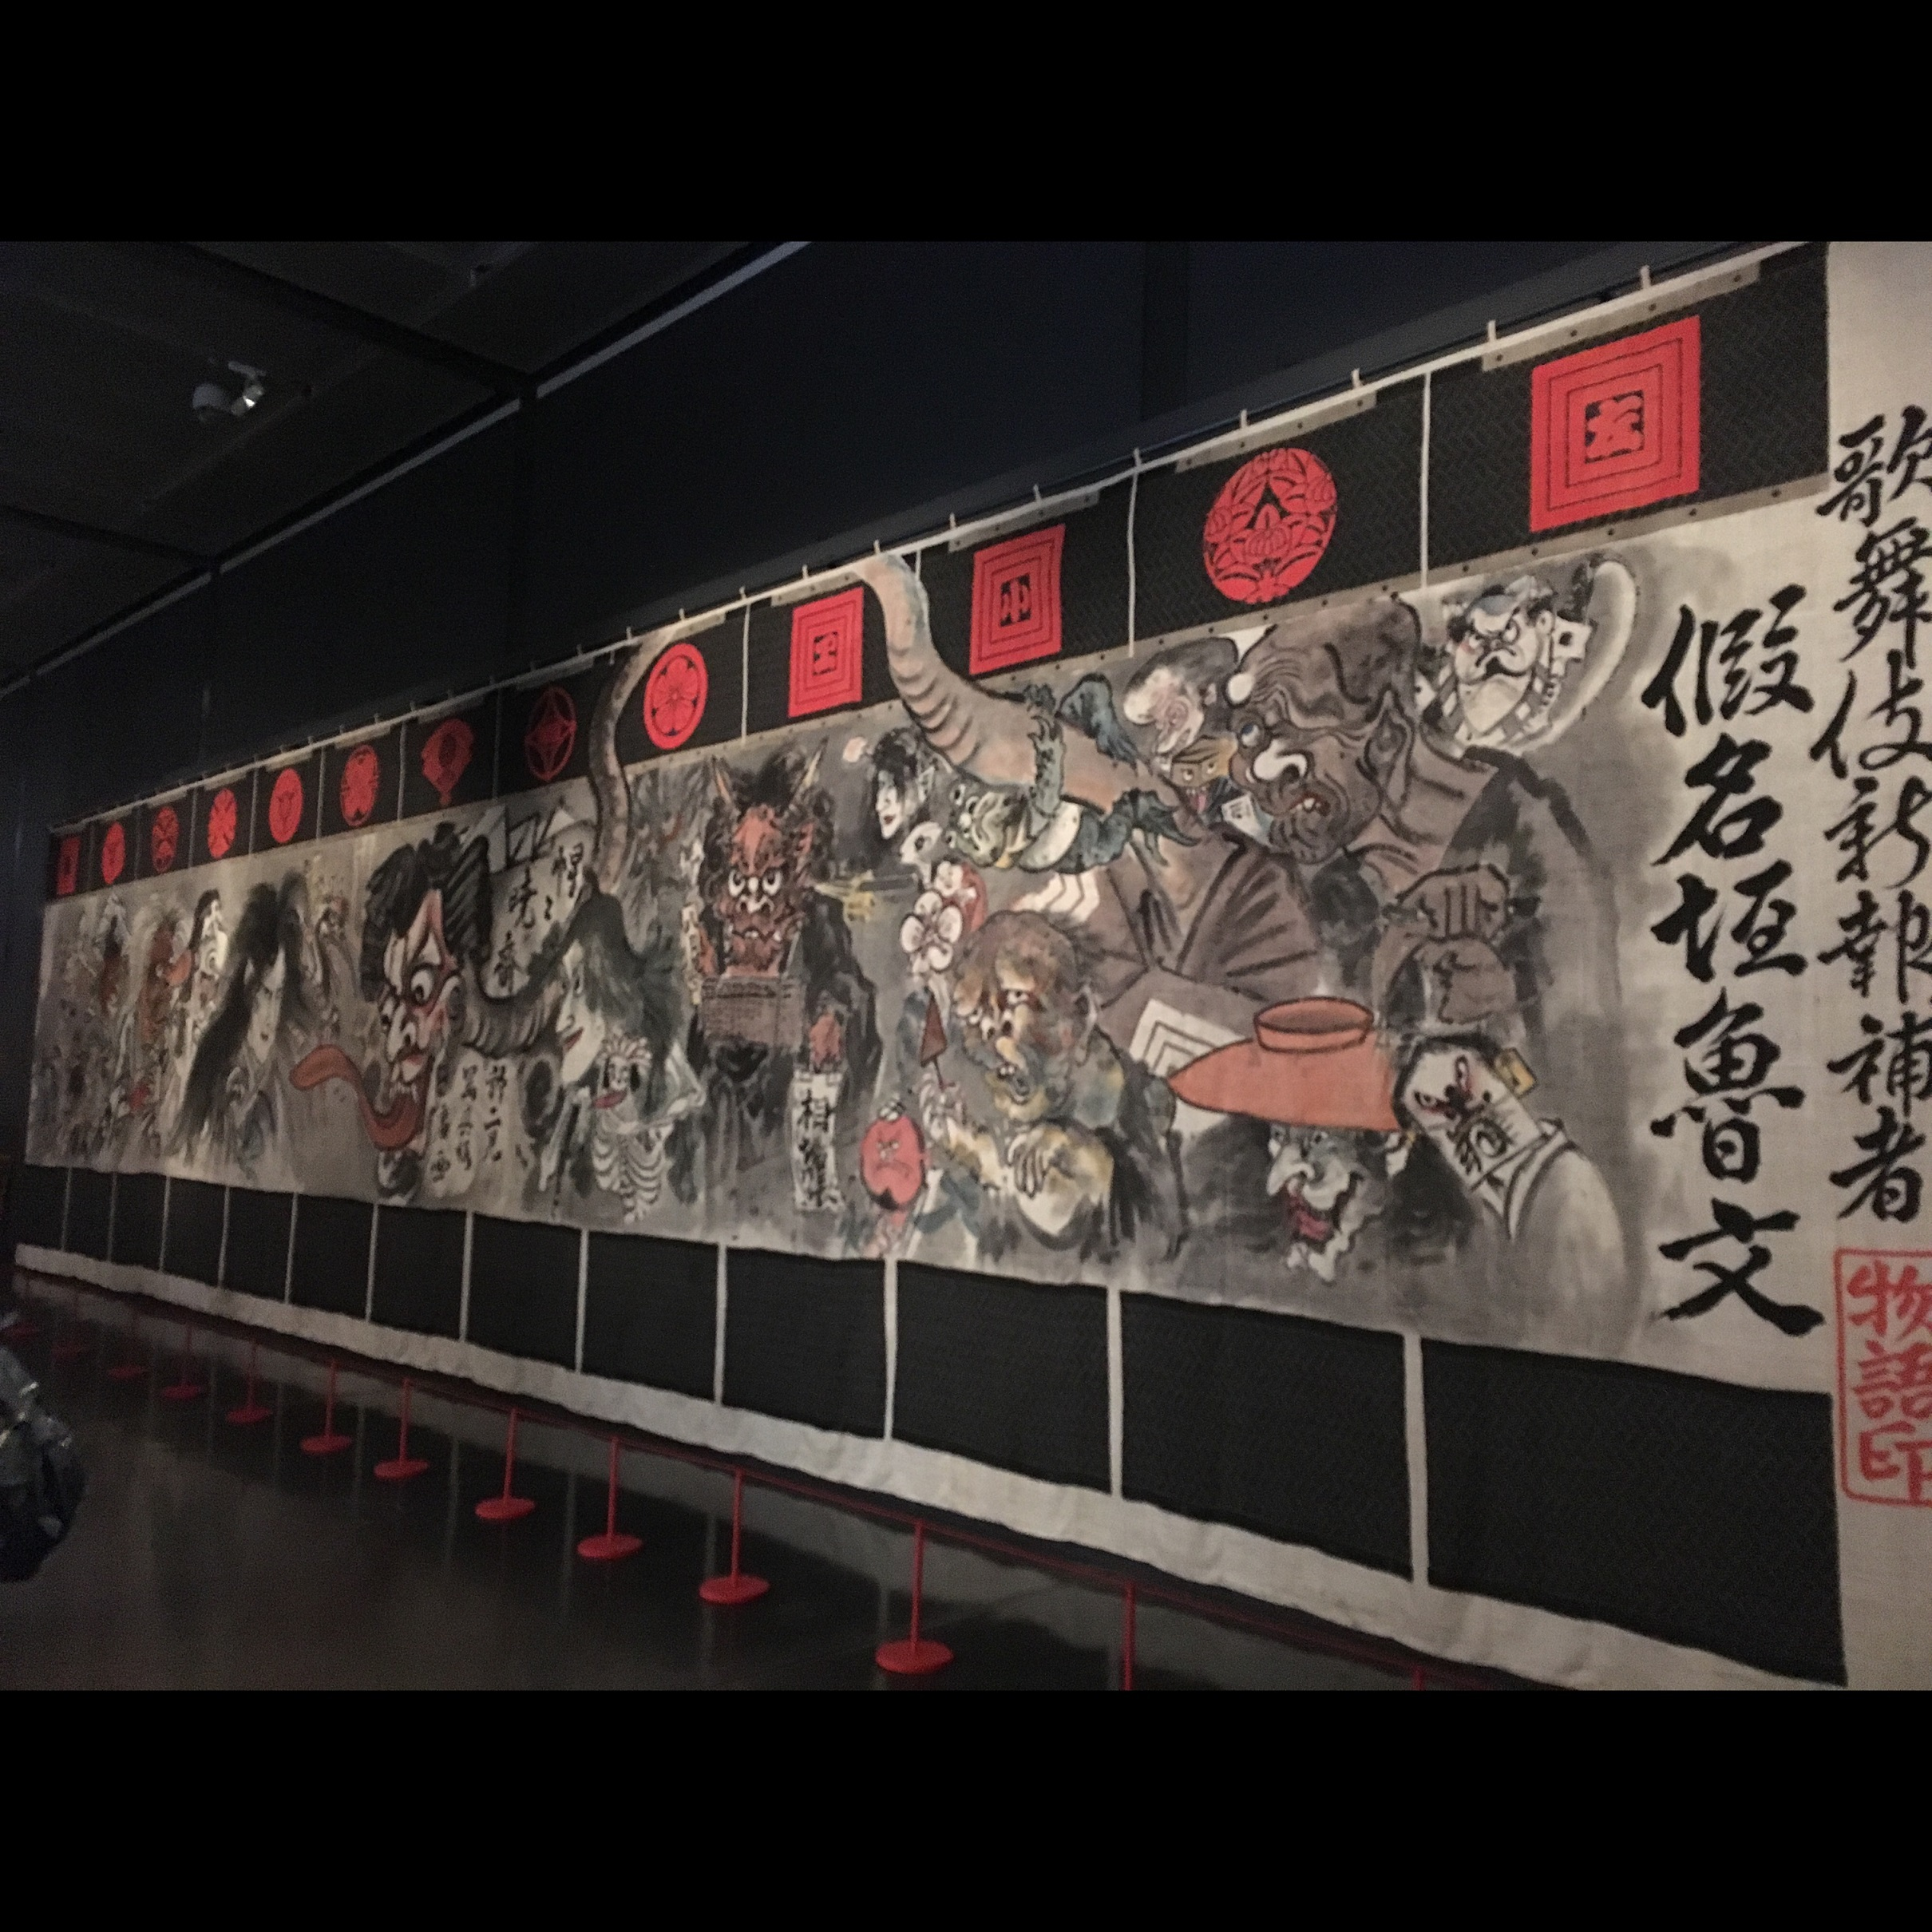 大英博物館の「マンガ展」へ。_1_1-2